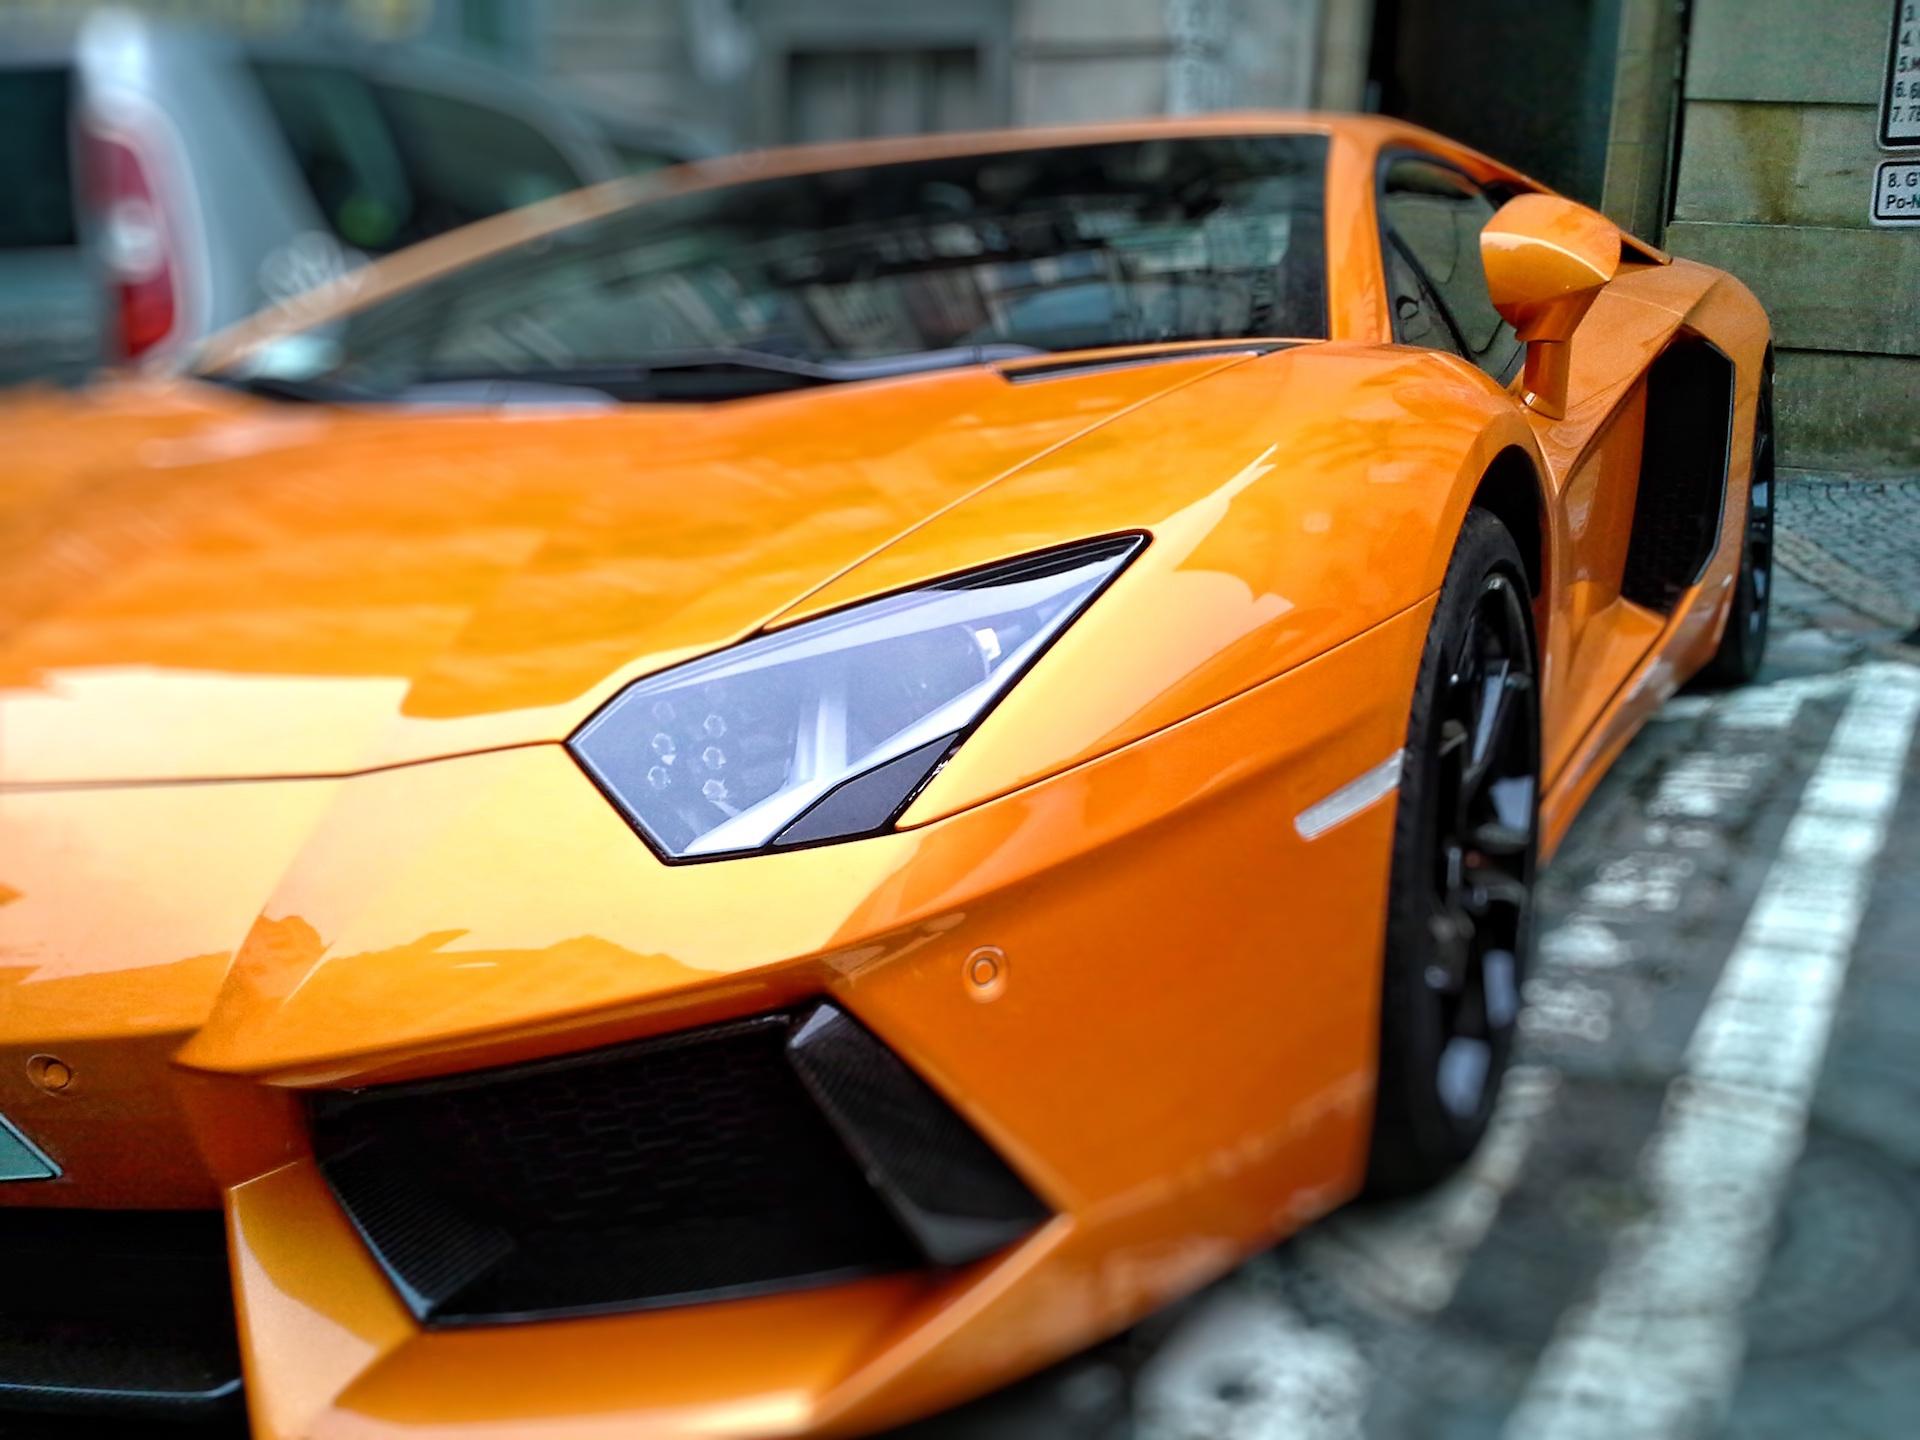 車, ランボルギーニ, 高級, スポーツ, オレンジ - HD の壁紙 - 教授-falken.com